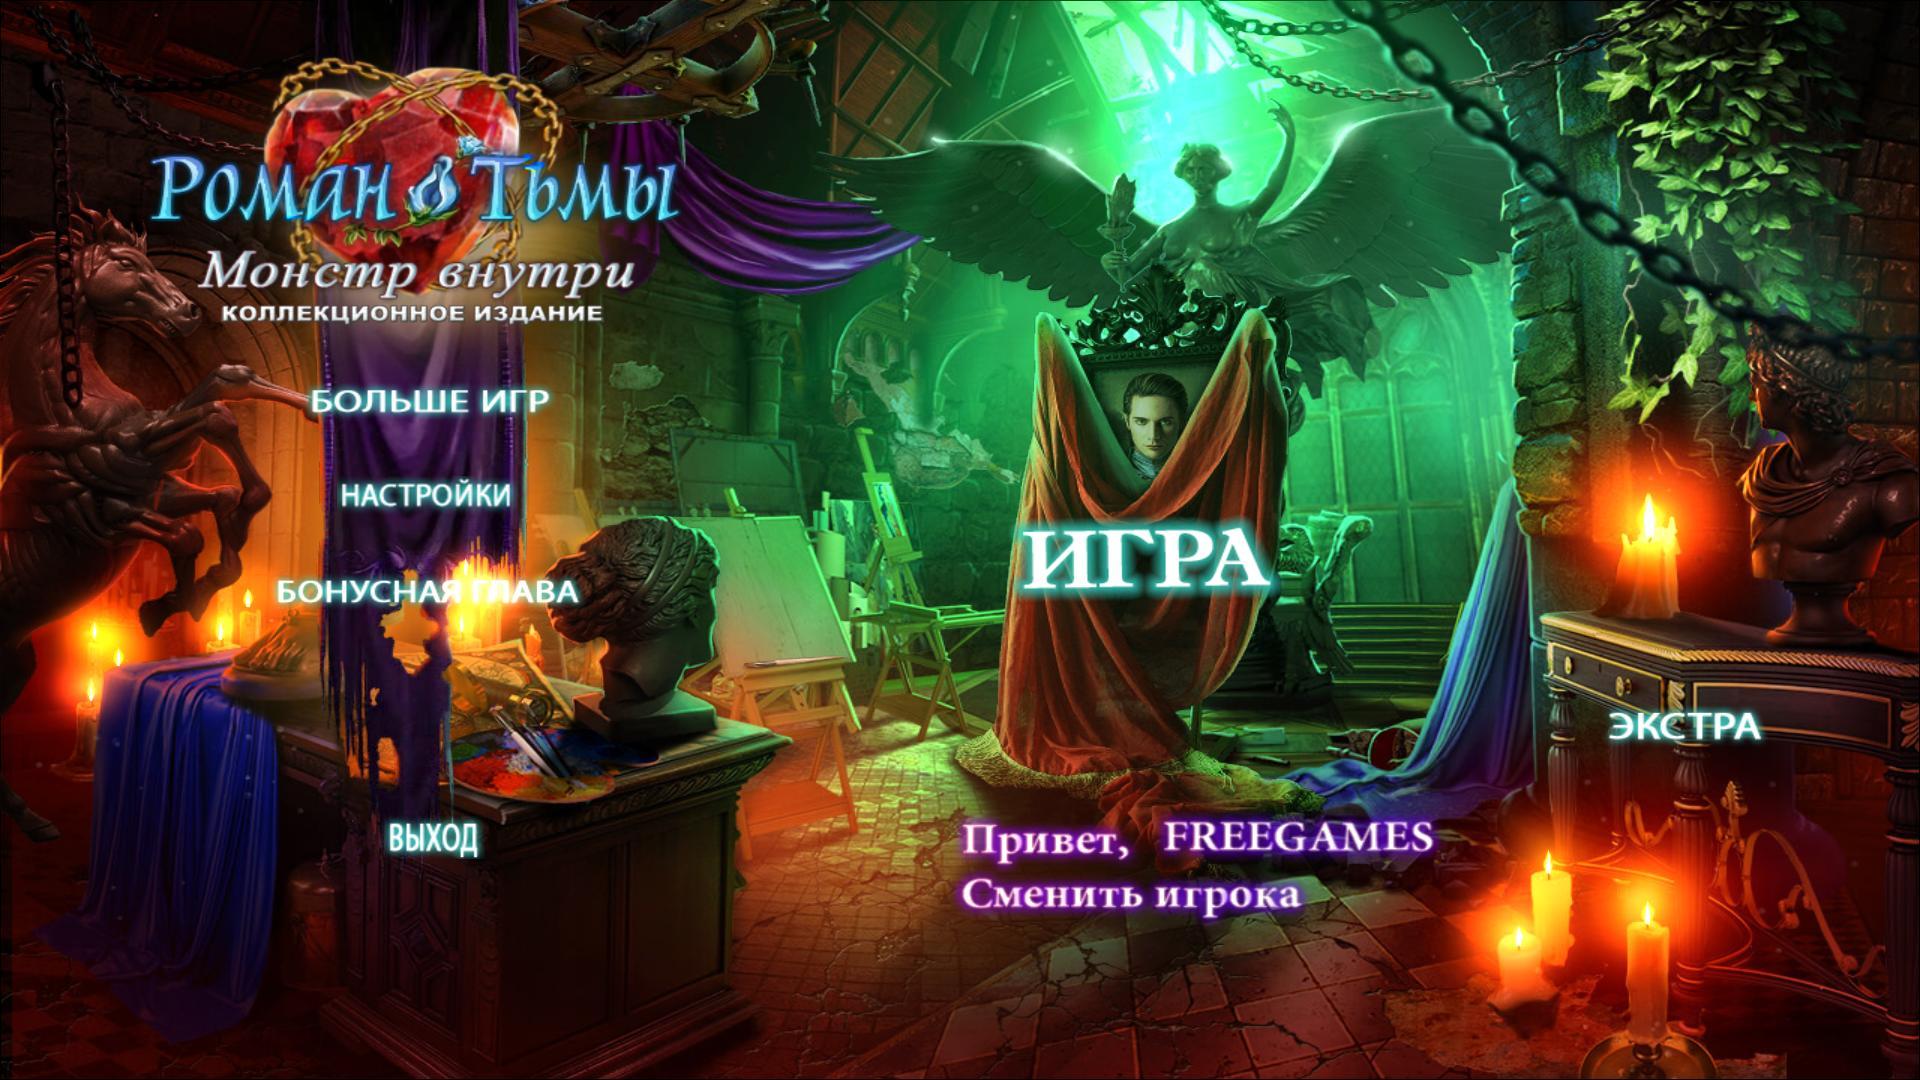 Роман тьмы 7: Монстр внутри. Коллекционное издание | Dark Romance 7: The Monster Within CE (Rus)